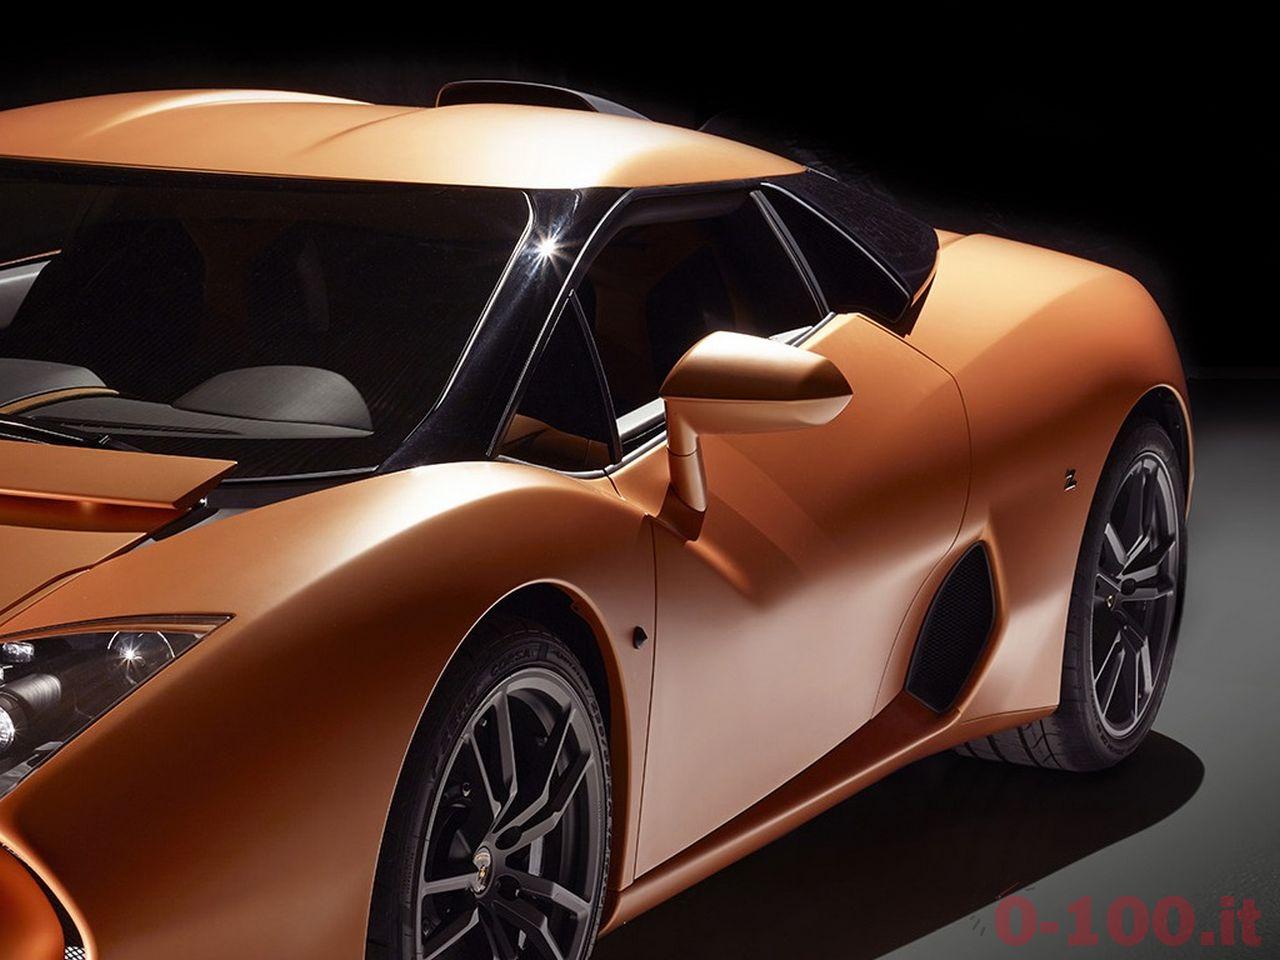 Lamborghini-5-95-Zagato_concorso_villa_deste_2014_Albert _Spiess_0-1004